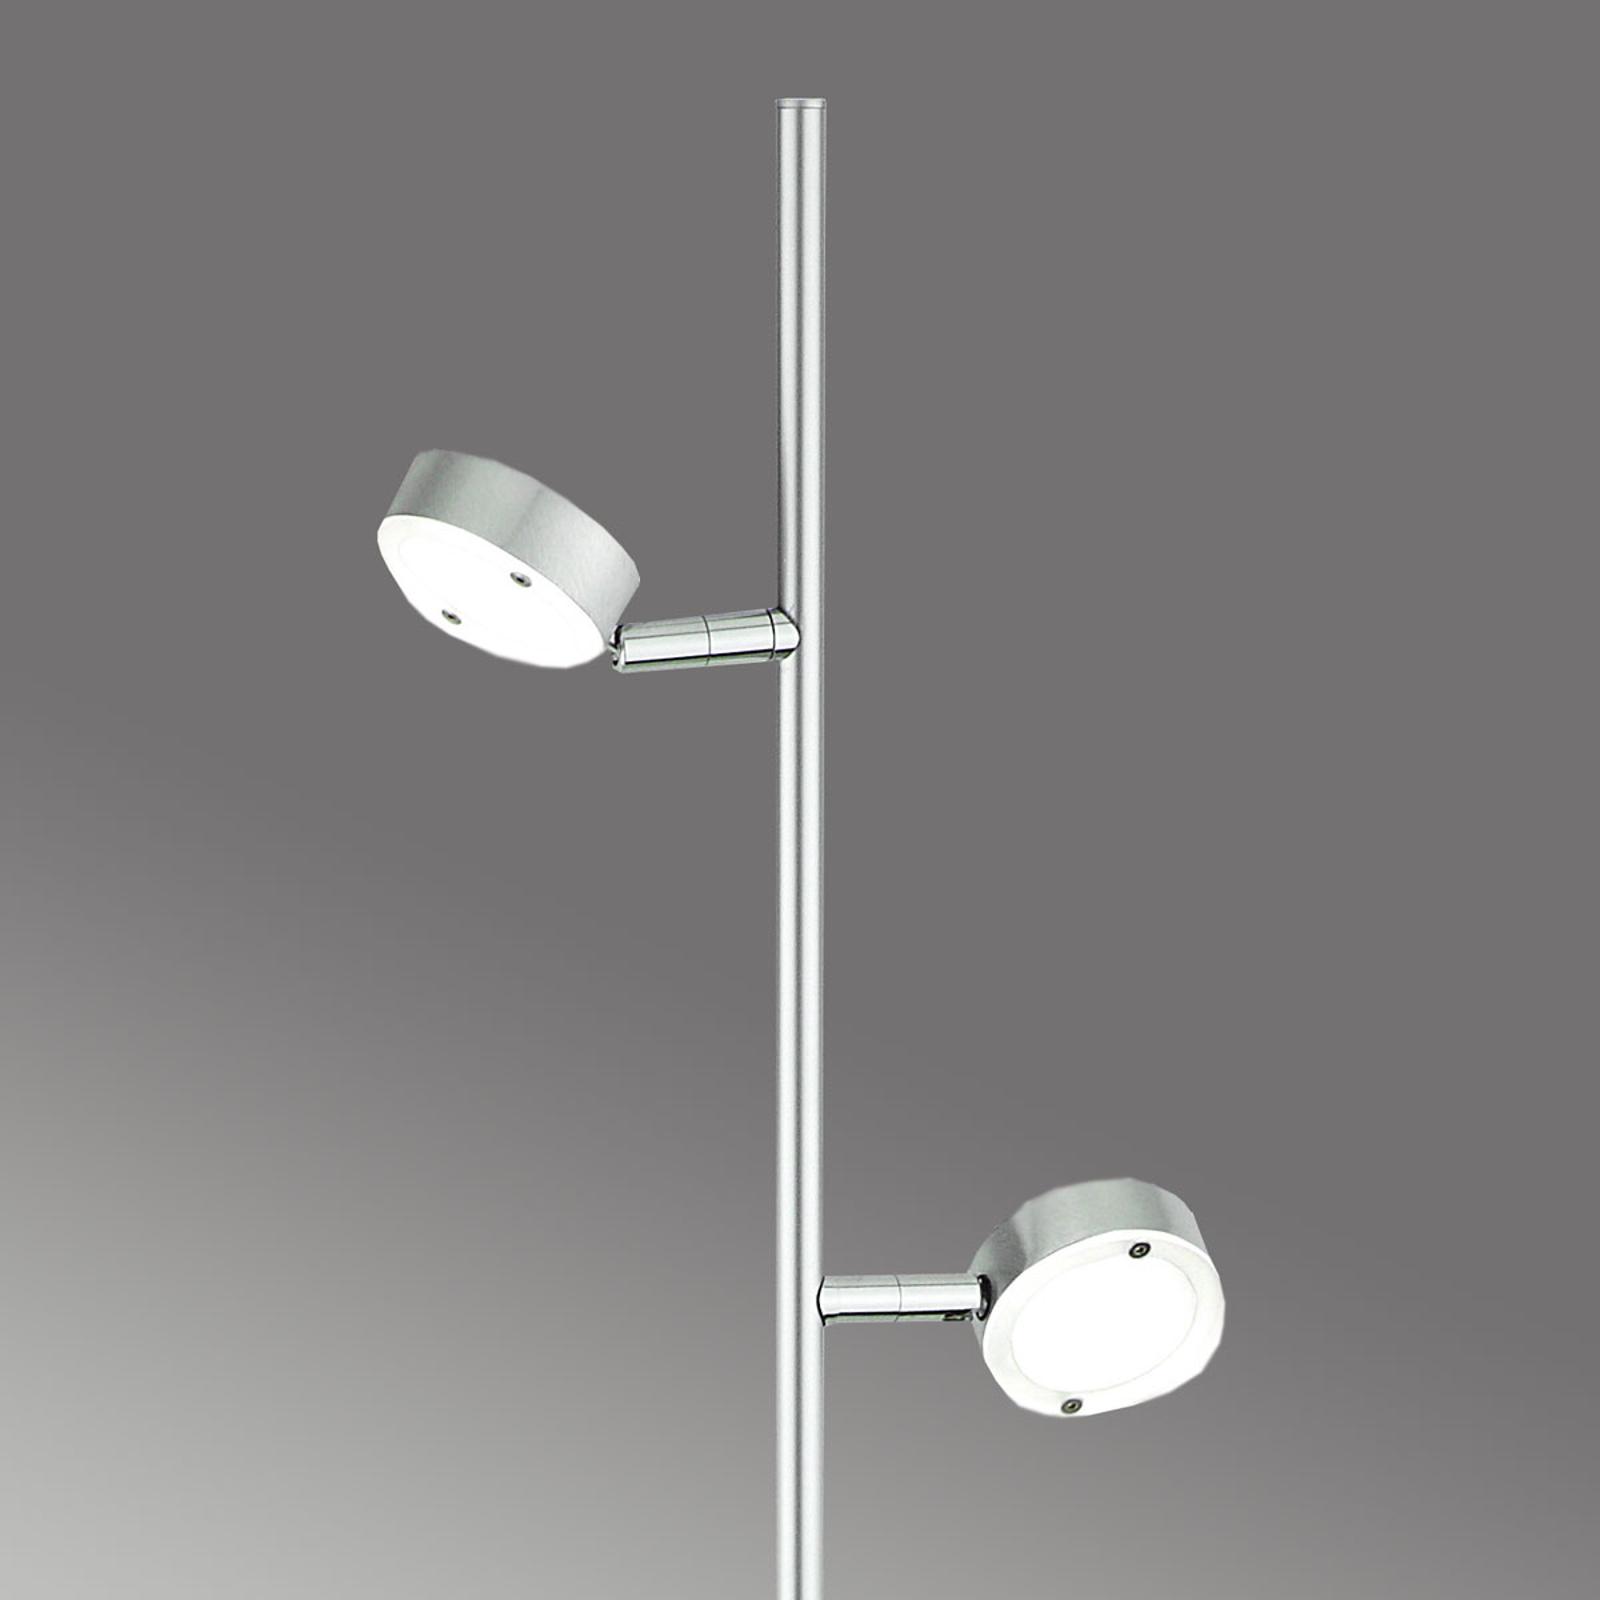 Lampadaire LED minimaliste SATURN, 2 lampes